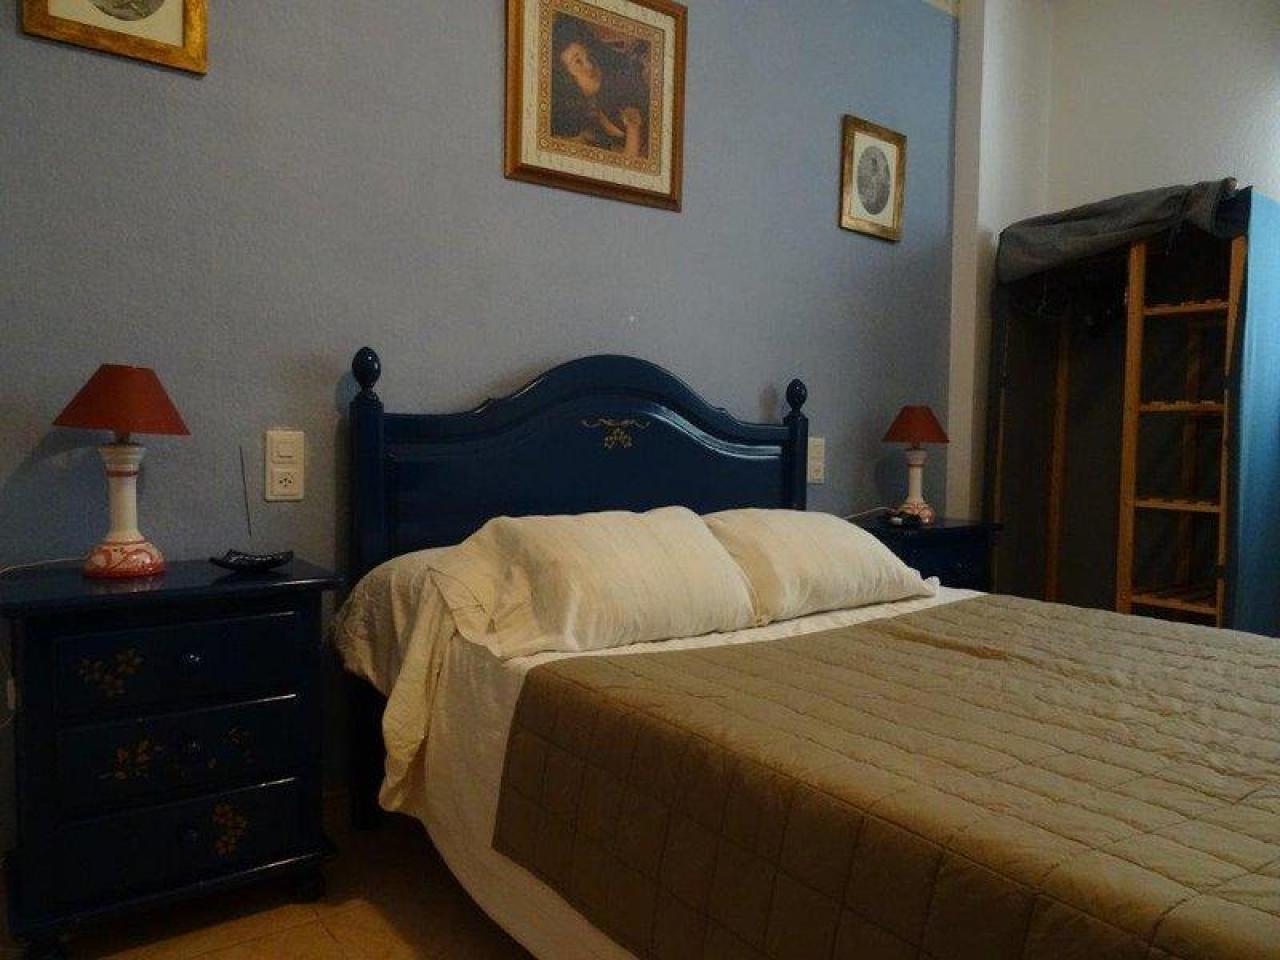 Apartamento para vacaciones Ronda, Málaga